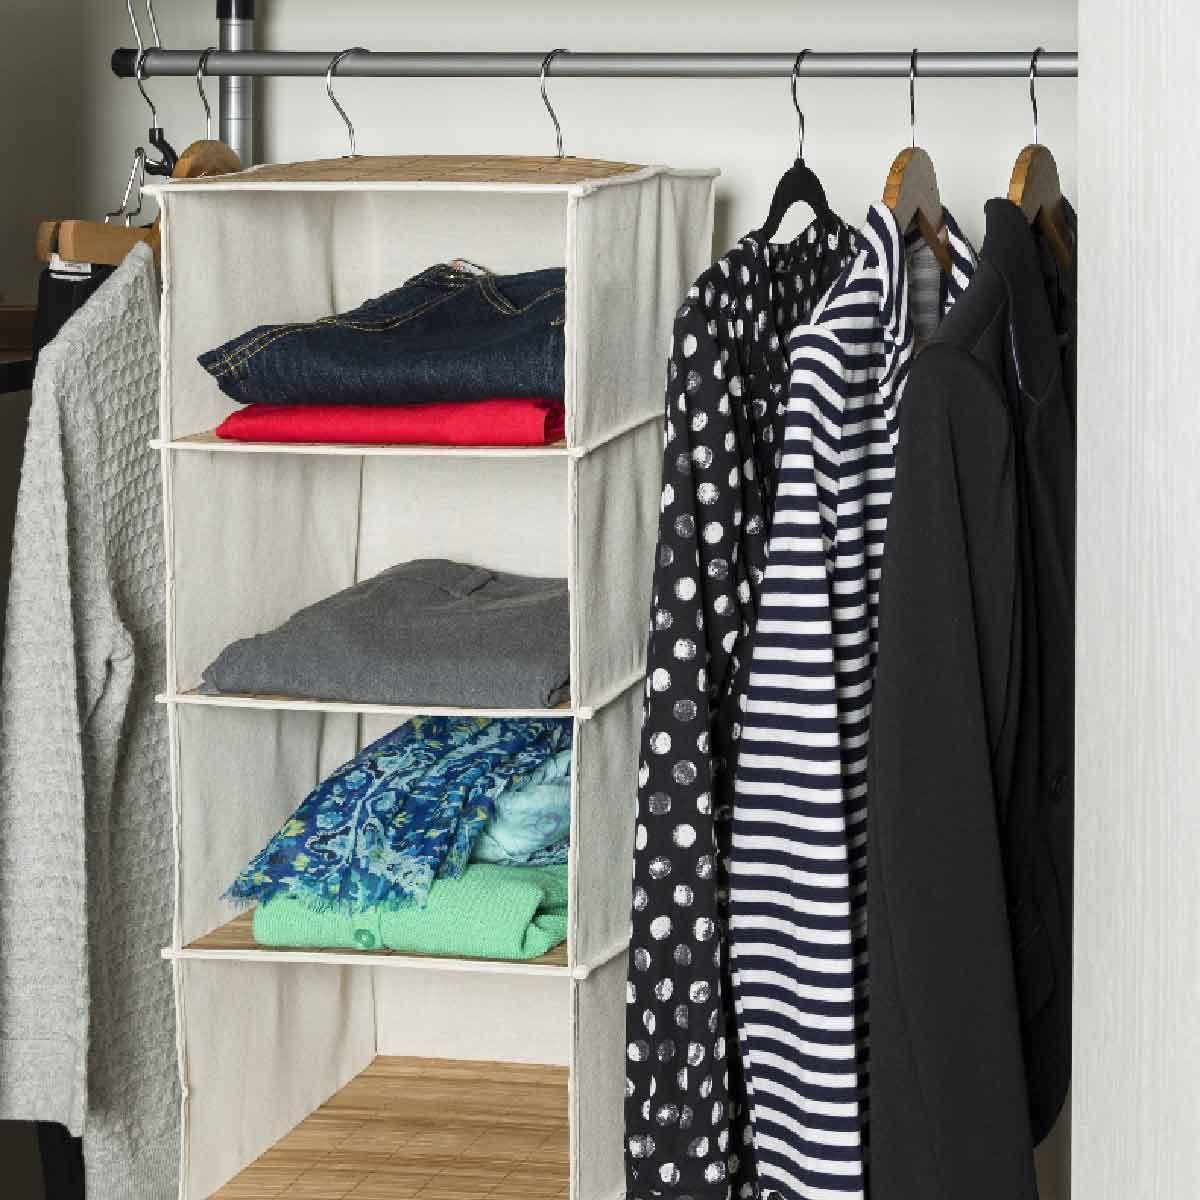 etag re suspendue pour pulls rangement penderie. Black Bedroom Furniture Sets. Home Design Ideas